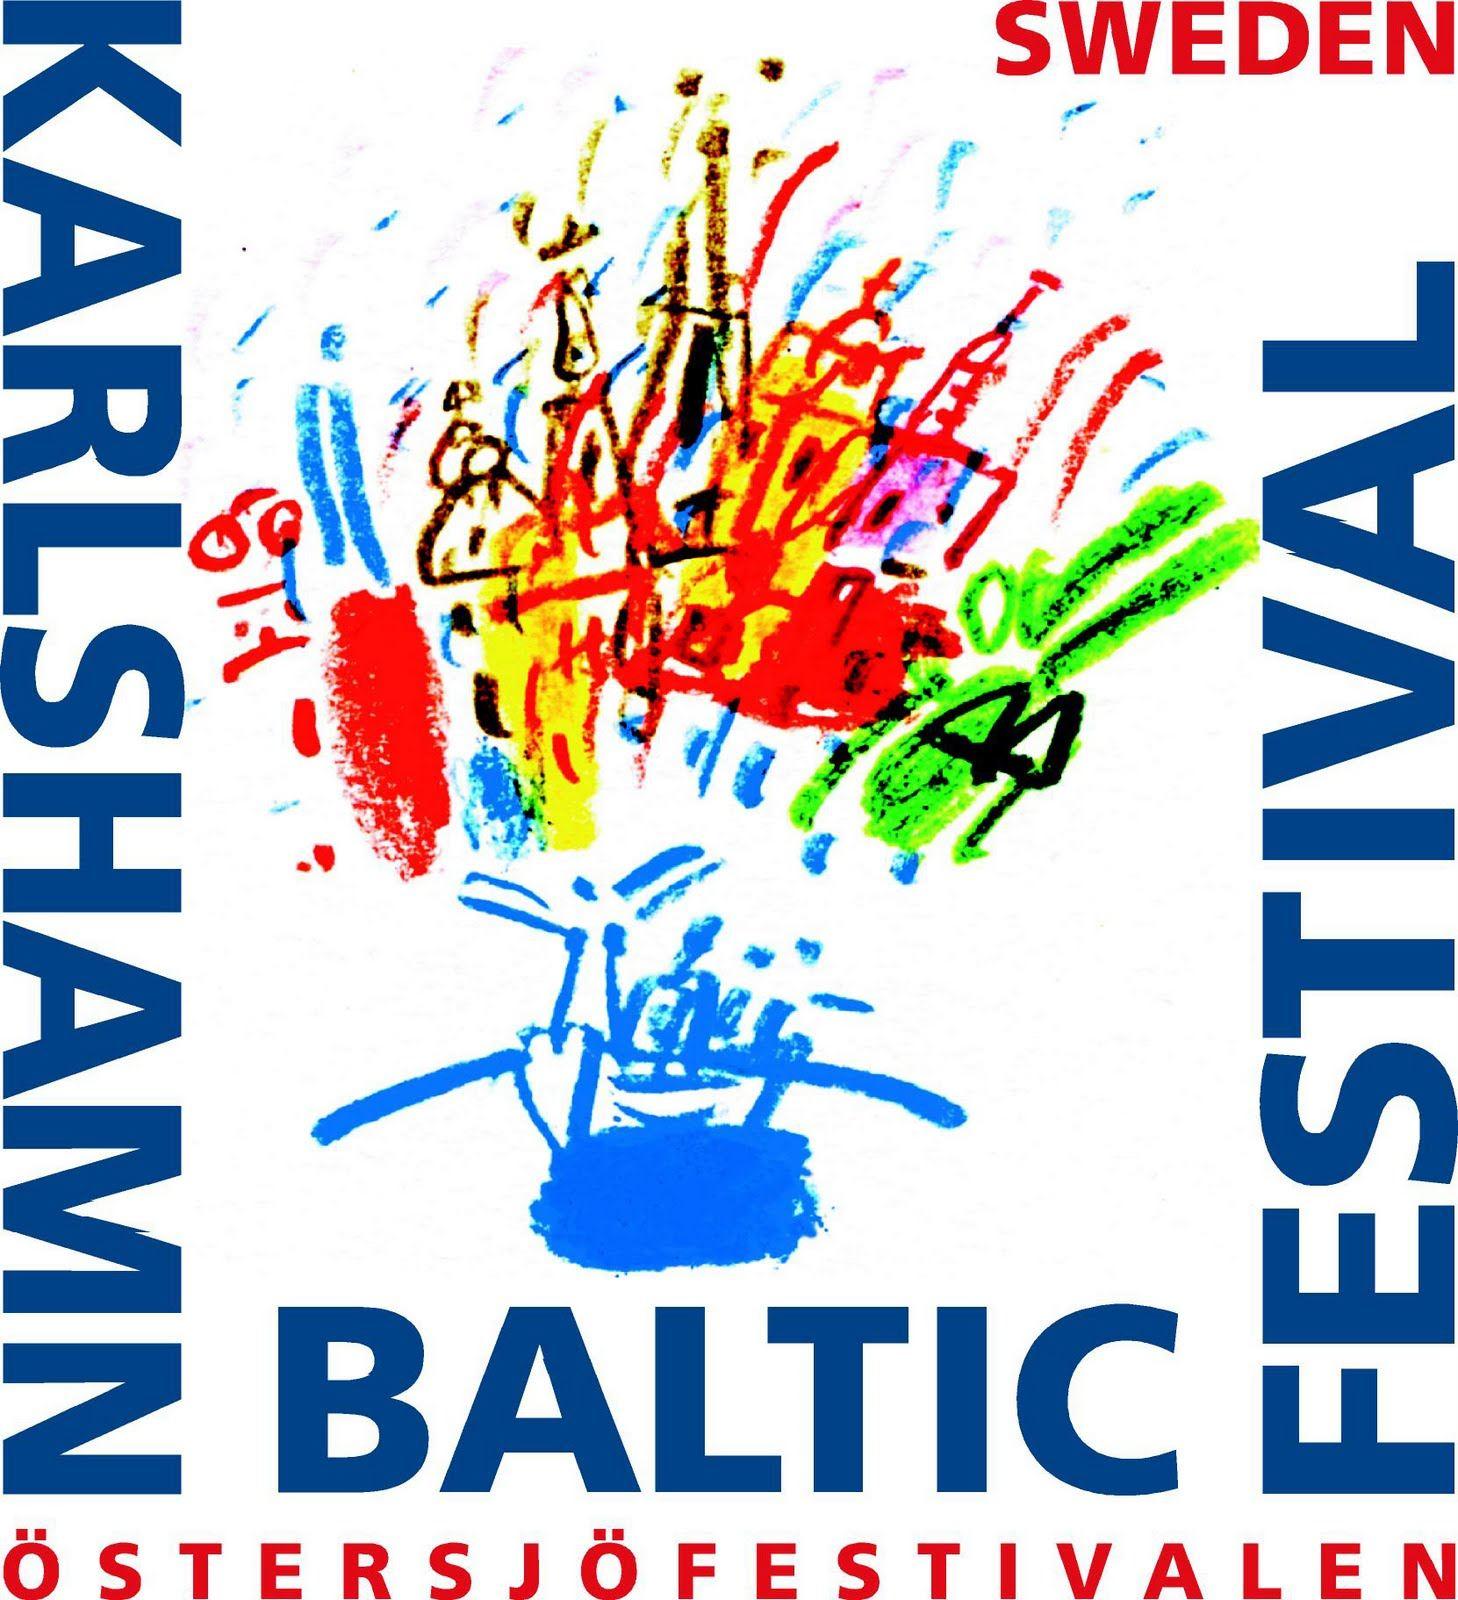 Östersjöfestivalen - Anastacia, John Lundvik & Kaliffa